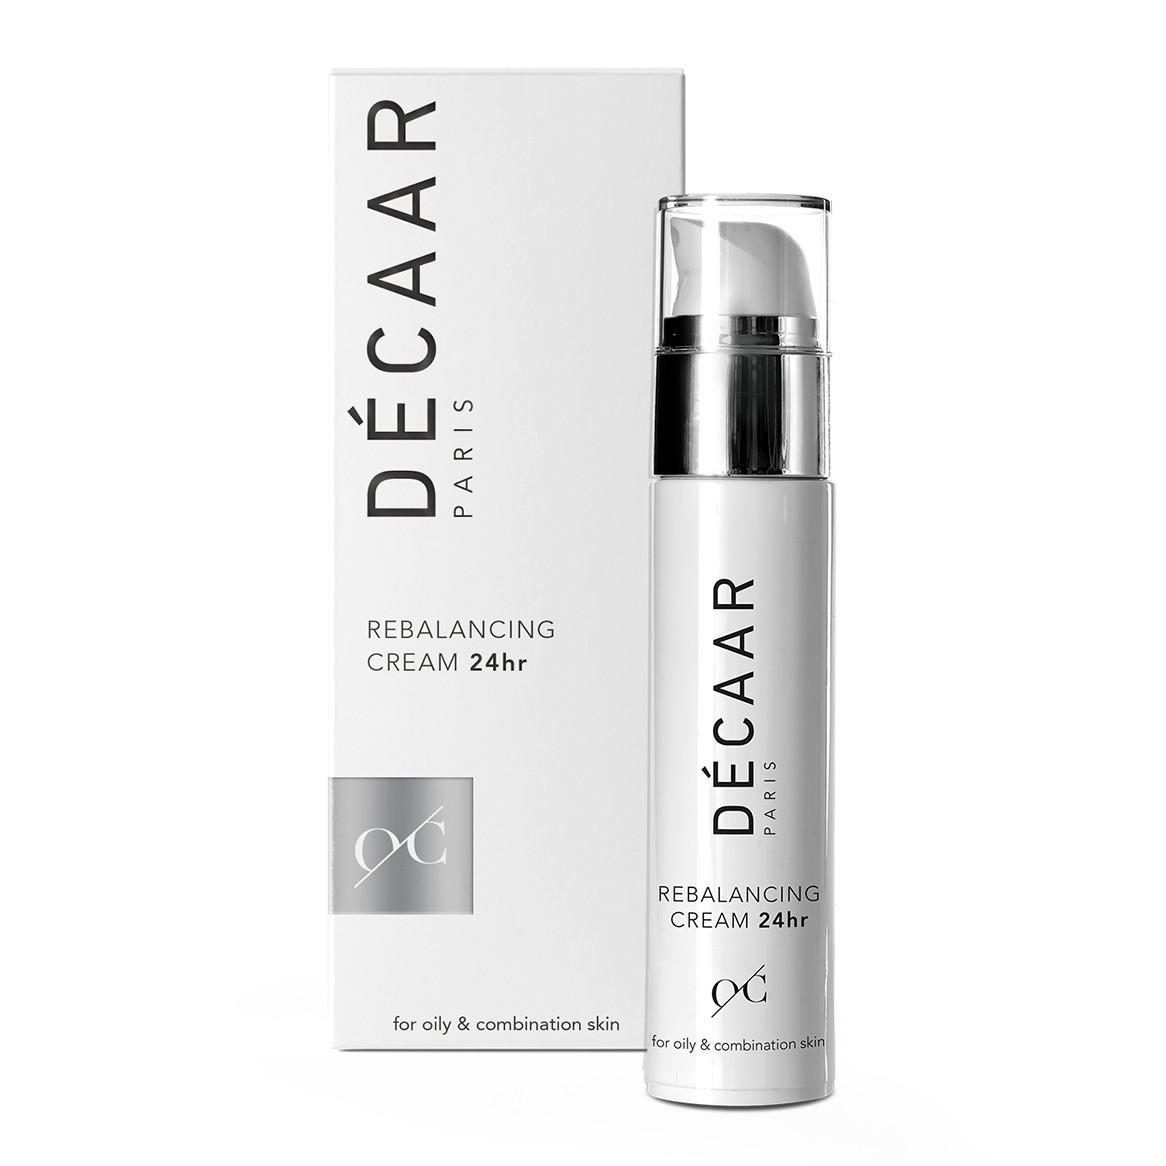 Kem cân bằng da giảm nếp nhăn Rebalancing Cream 24hr Decaar (50ml)